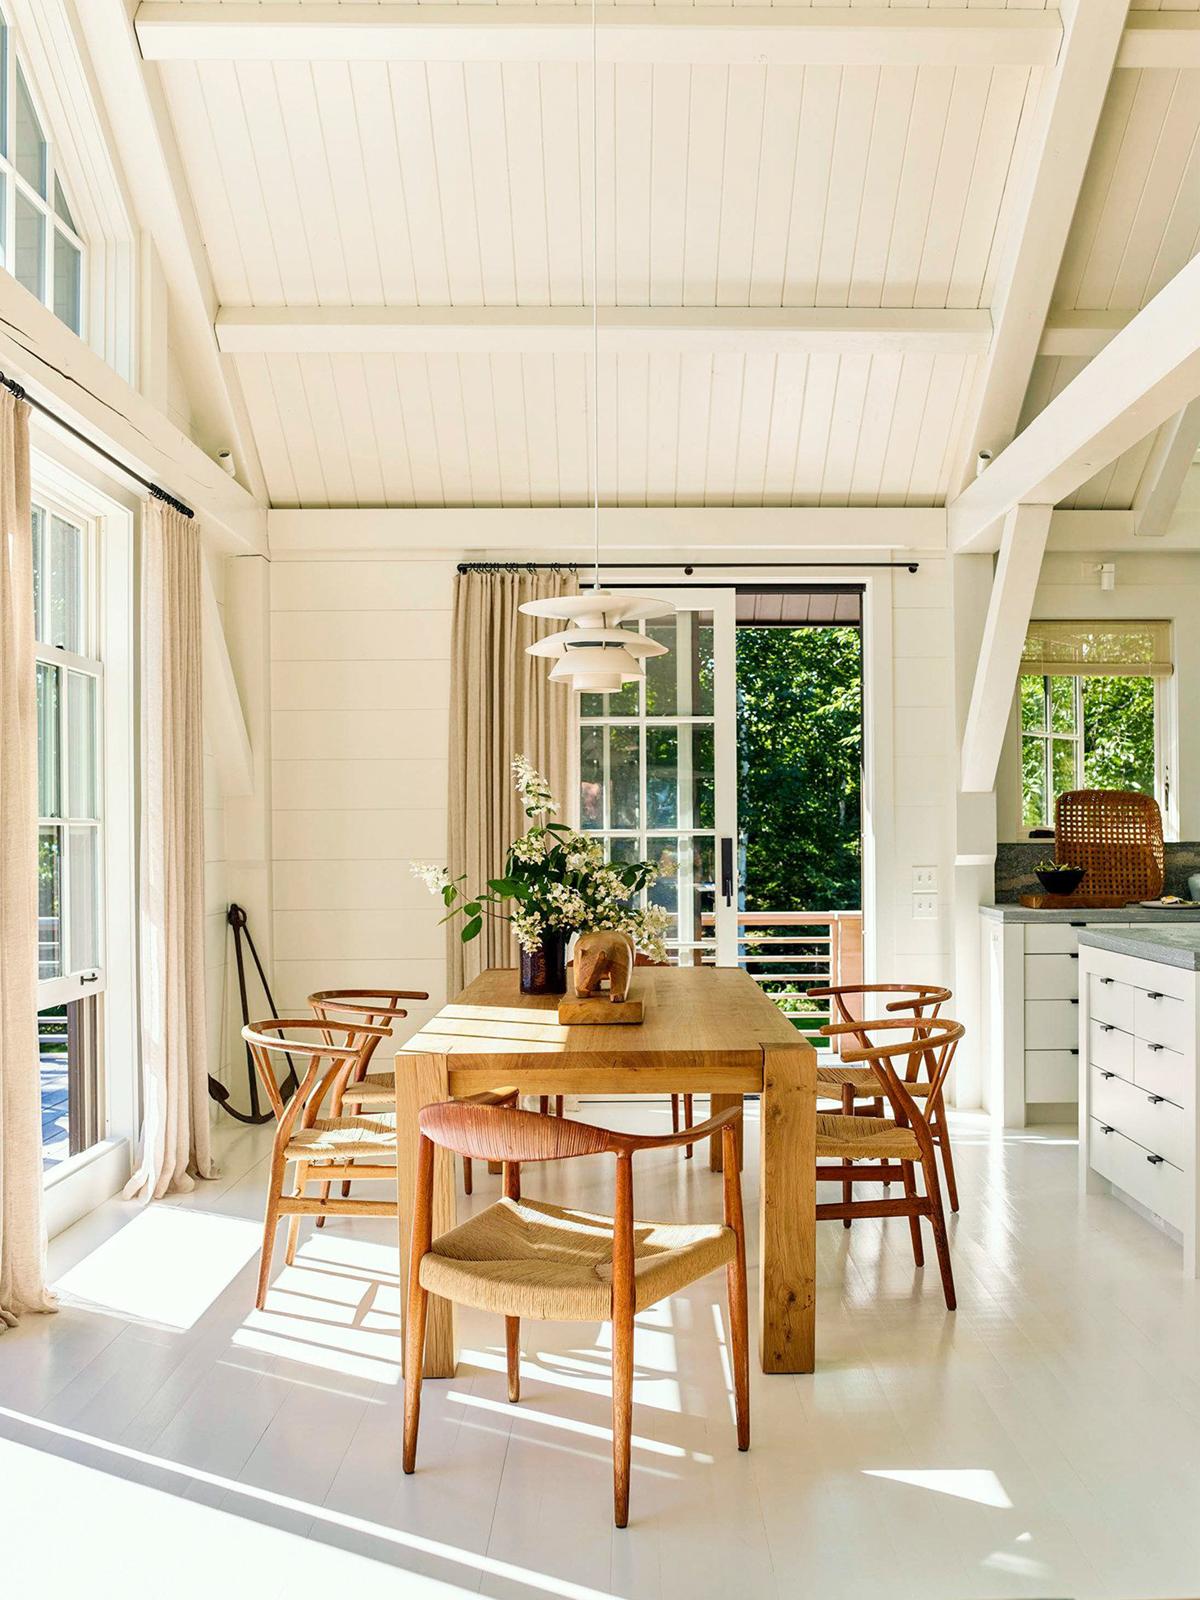 bois organique et murs crémeux dans une salle à manger simple | balade en bord de mer à la maison sur coco kelley